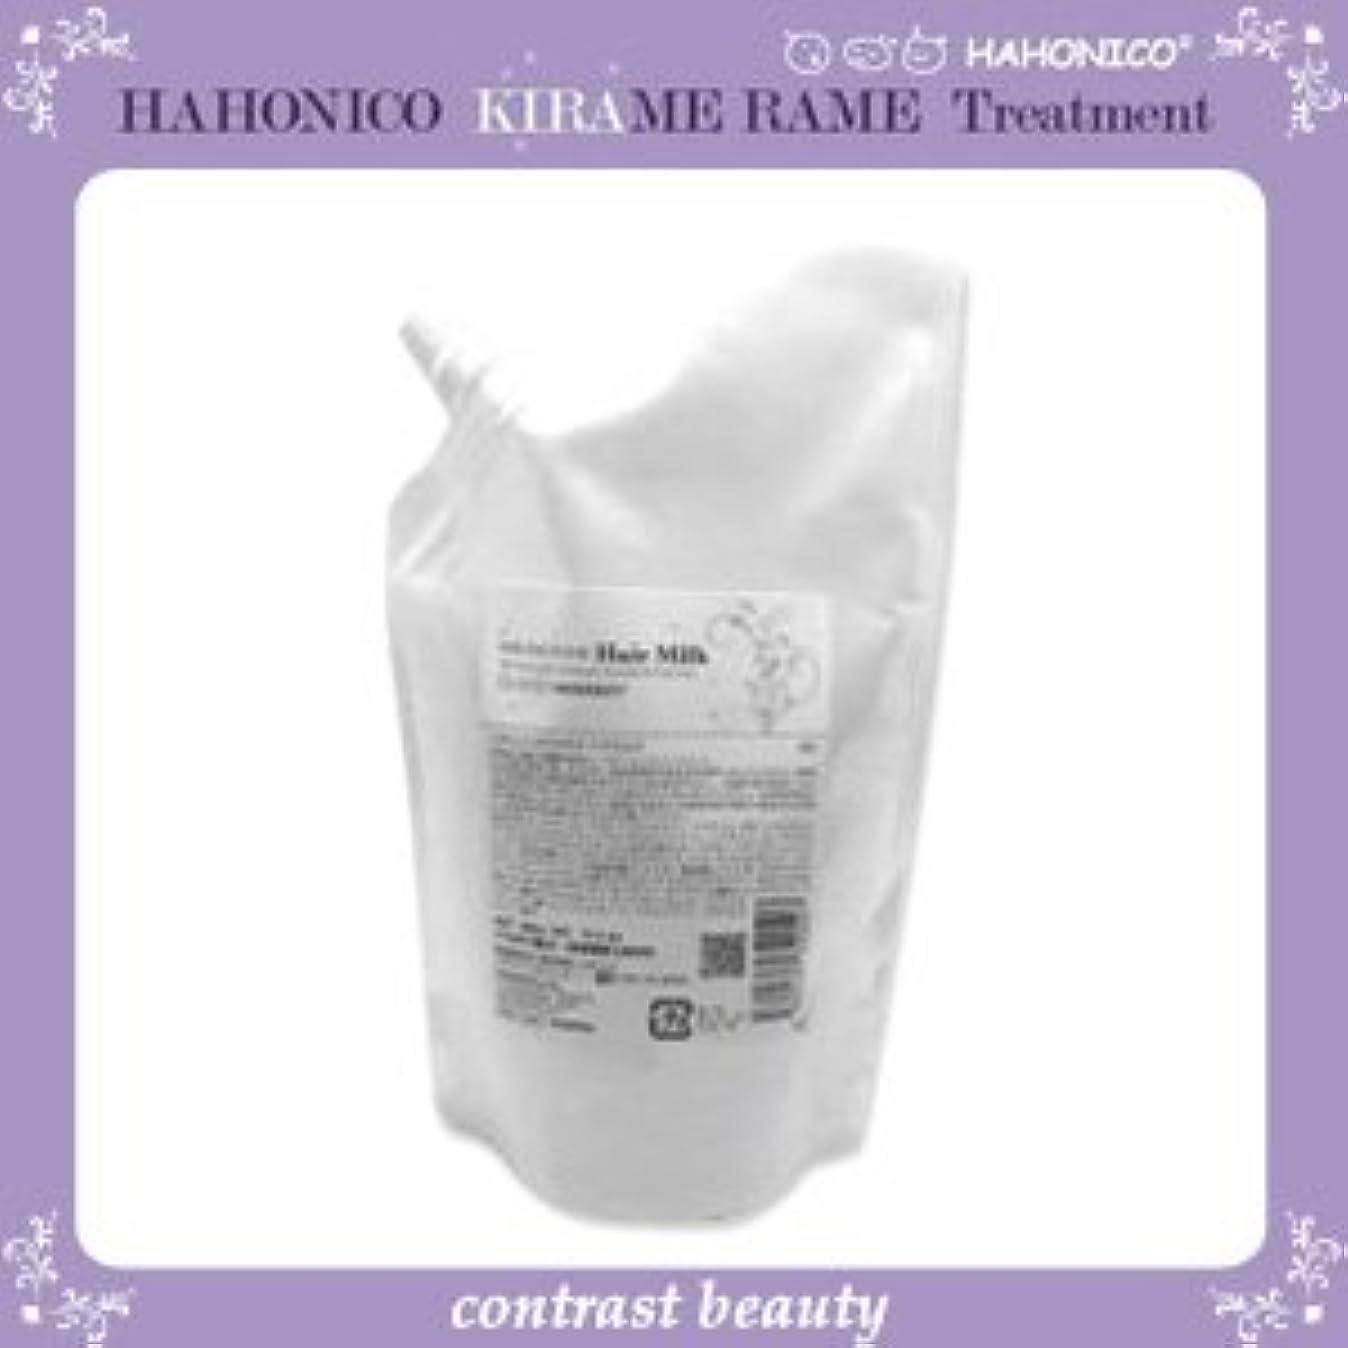 うなり声不調和姪【X5個セット】 ハホニコ キラメラメ ヘアミルク 300g KIRAME RAME HAHONICO